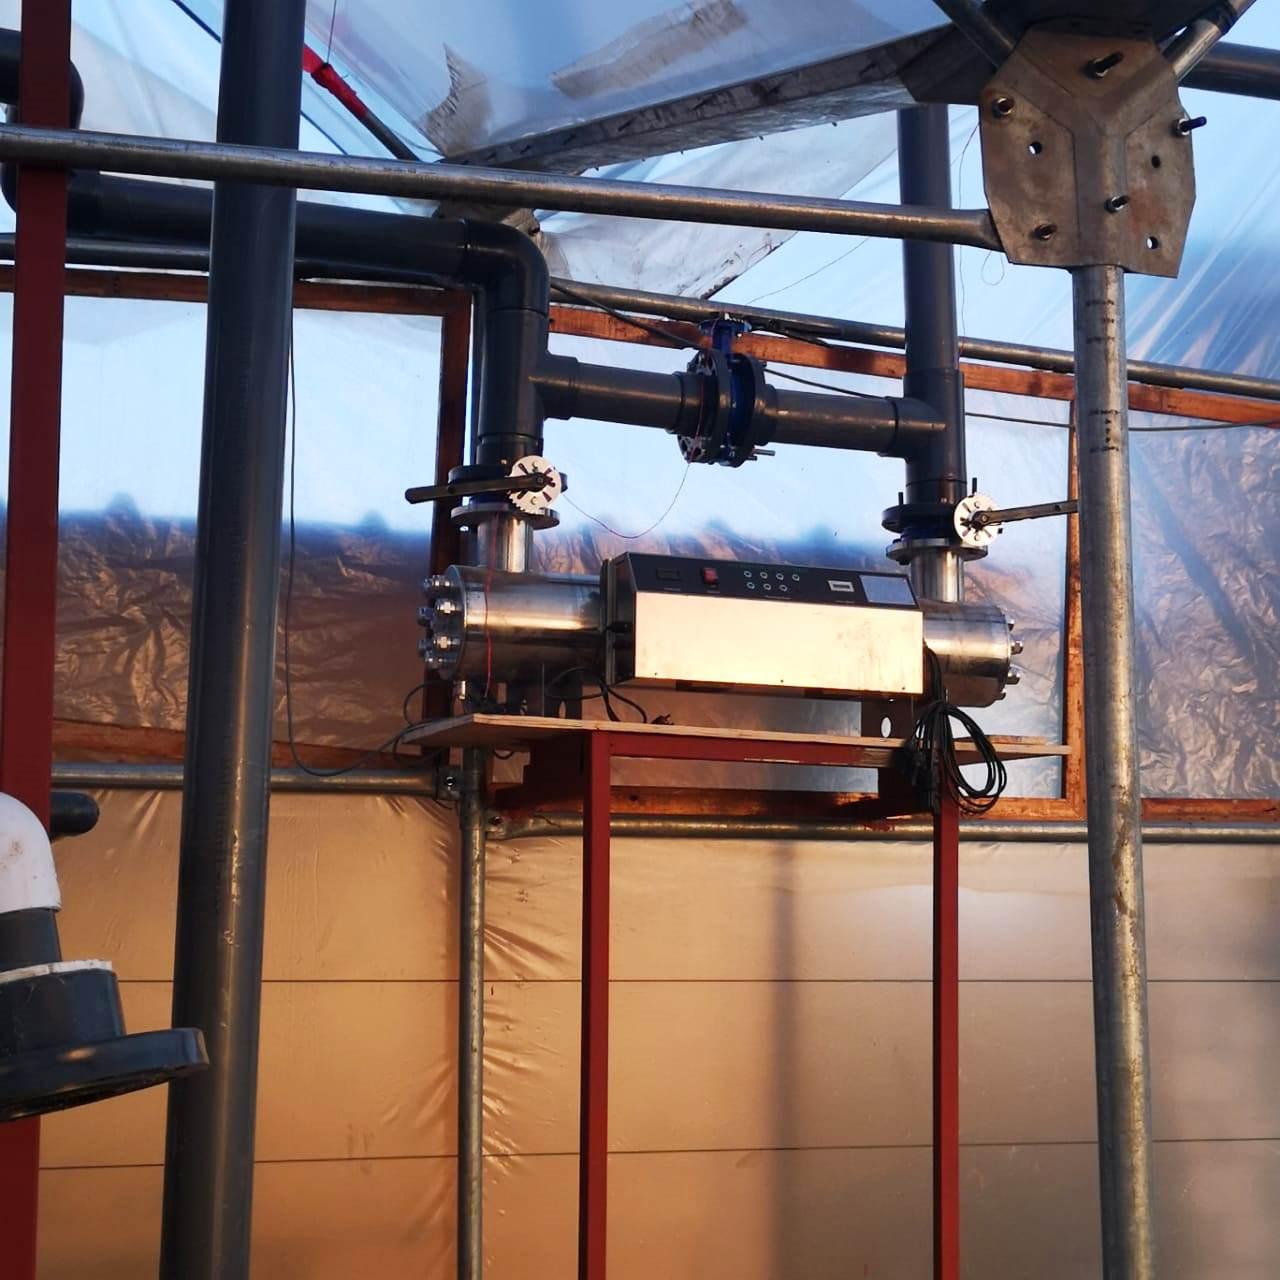 نظام محكم في مزرعة سمكية لإعادة تدوير المياه